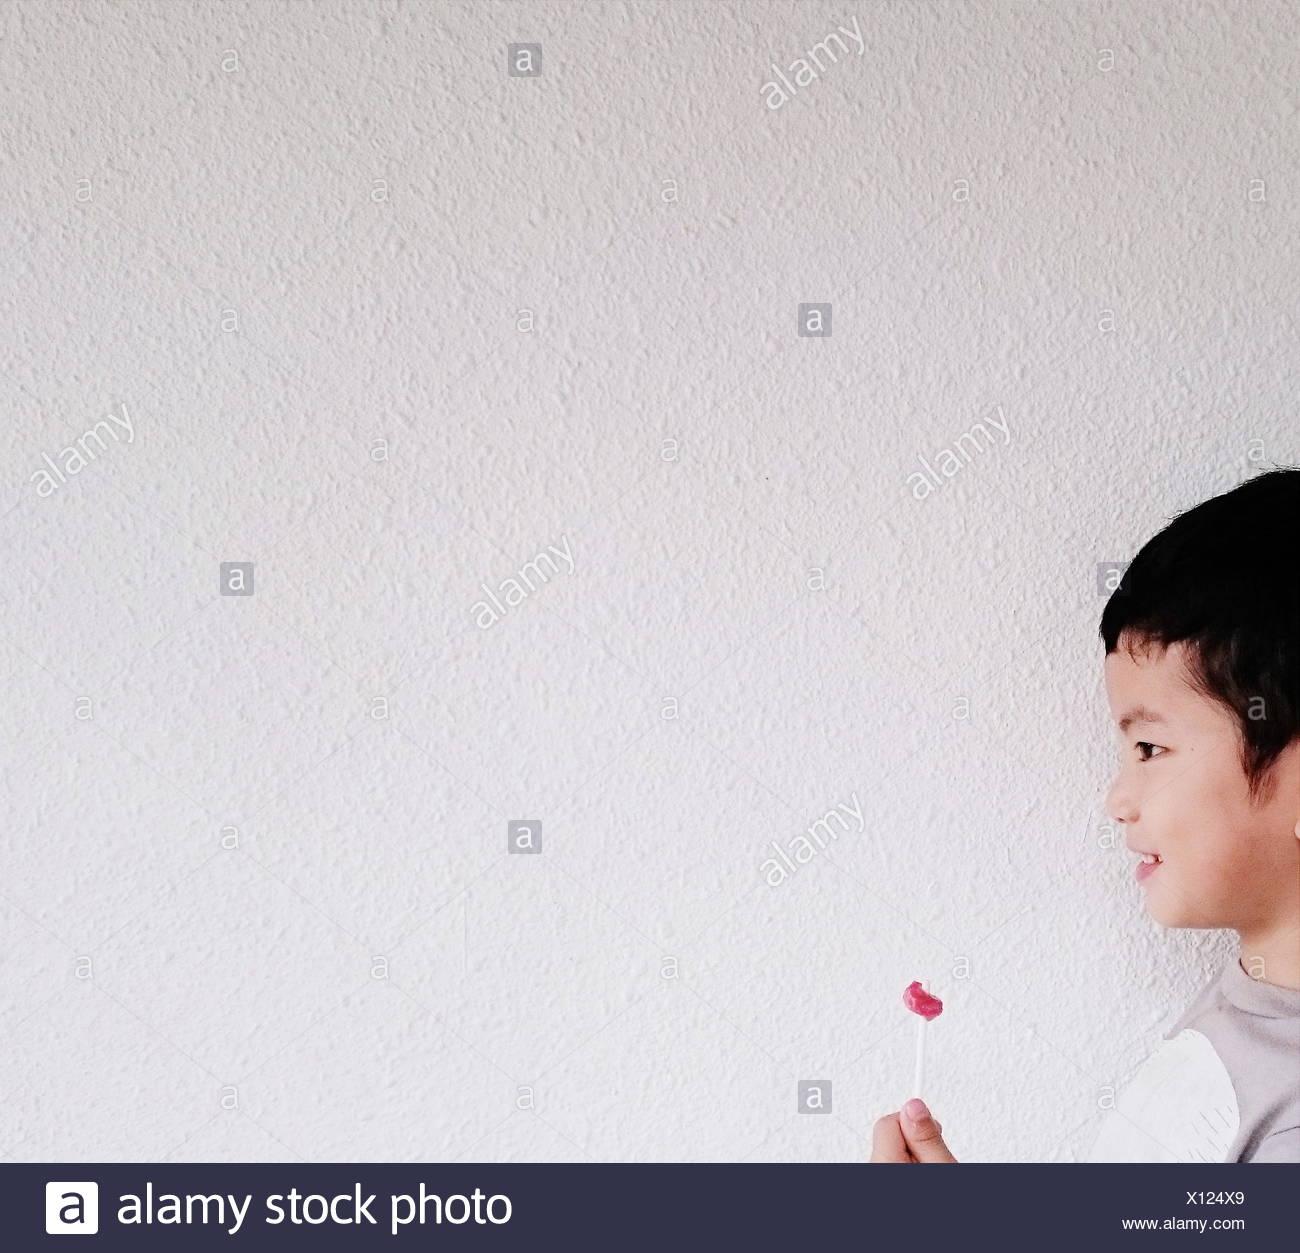 Vista lateral de un sonriente niño sosteniendo la mitad comido lollipop Imagen De Stock